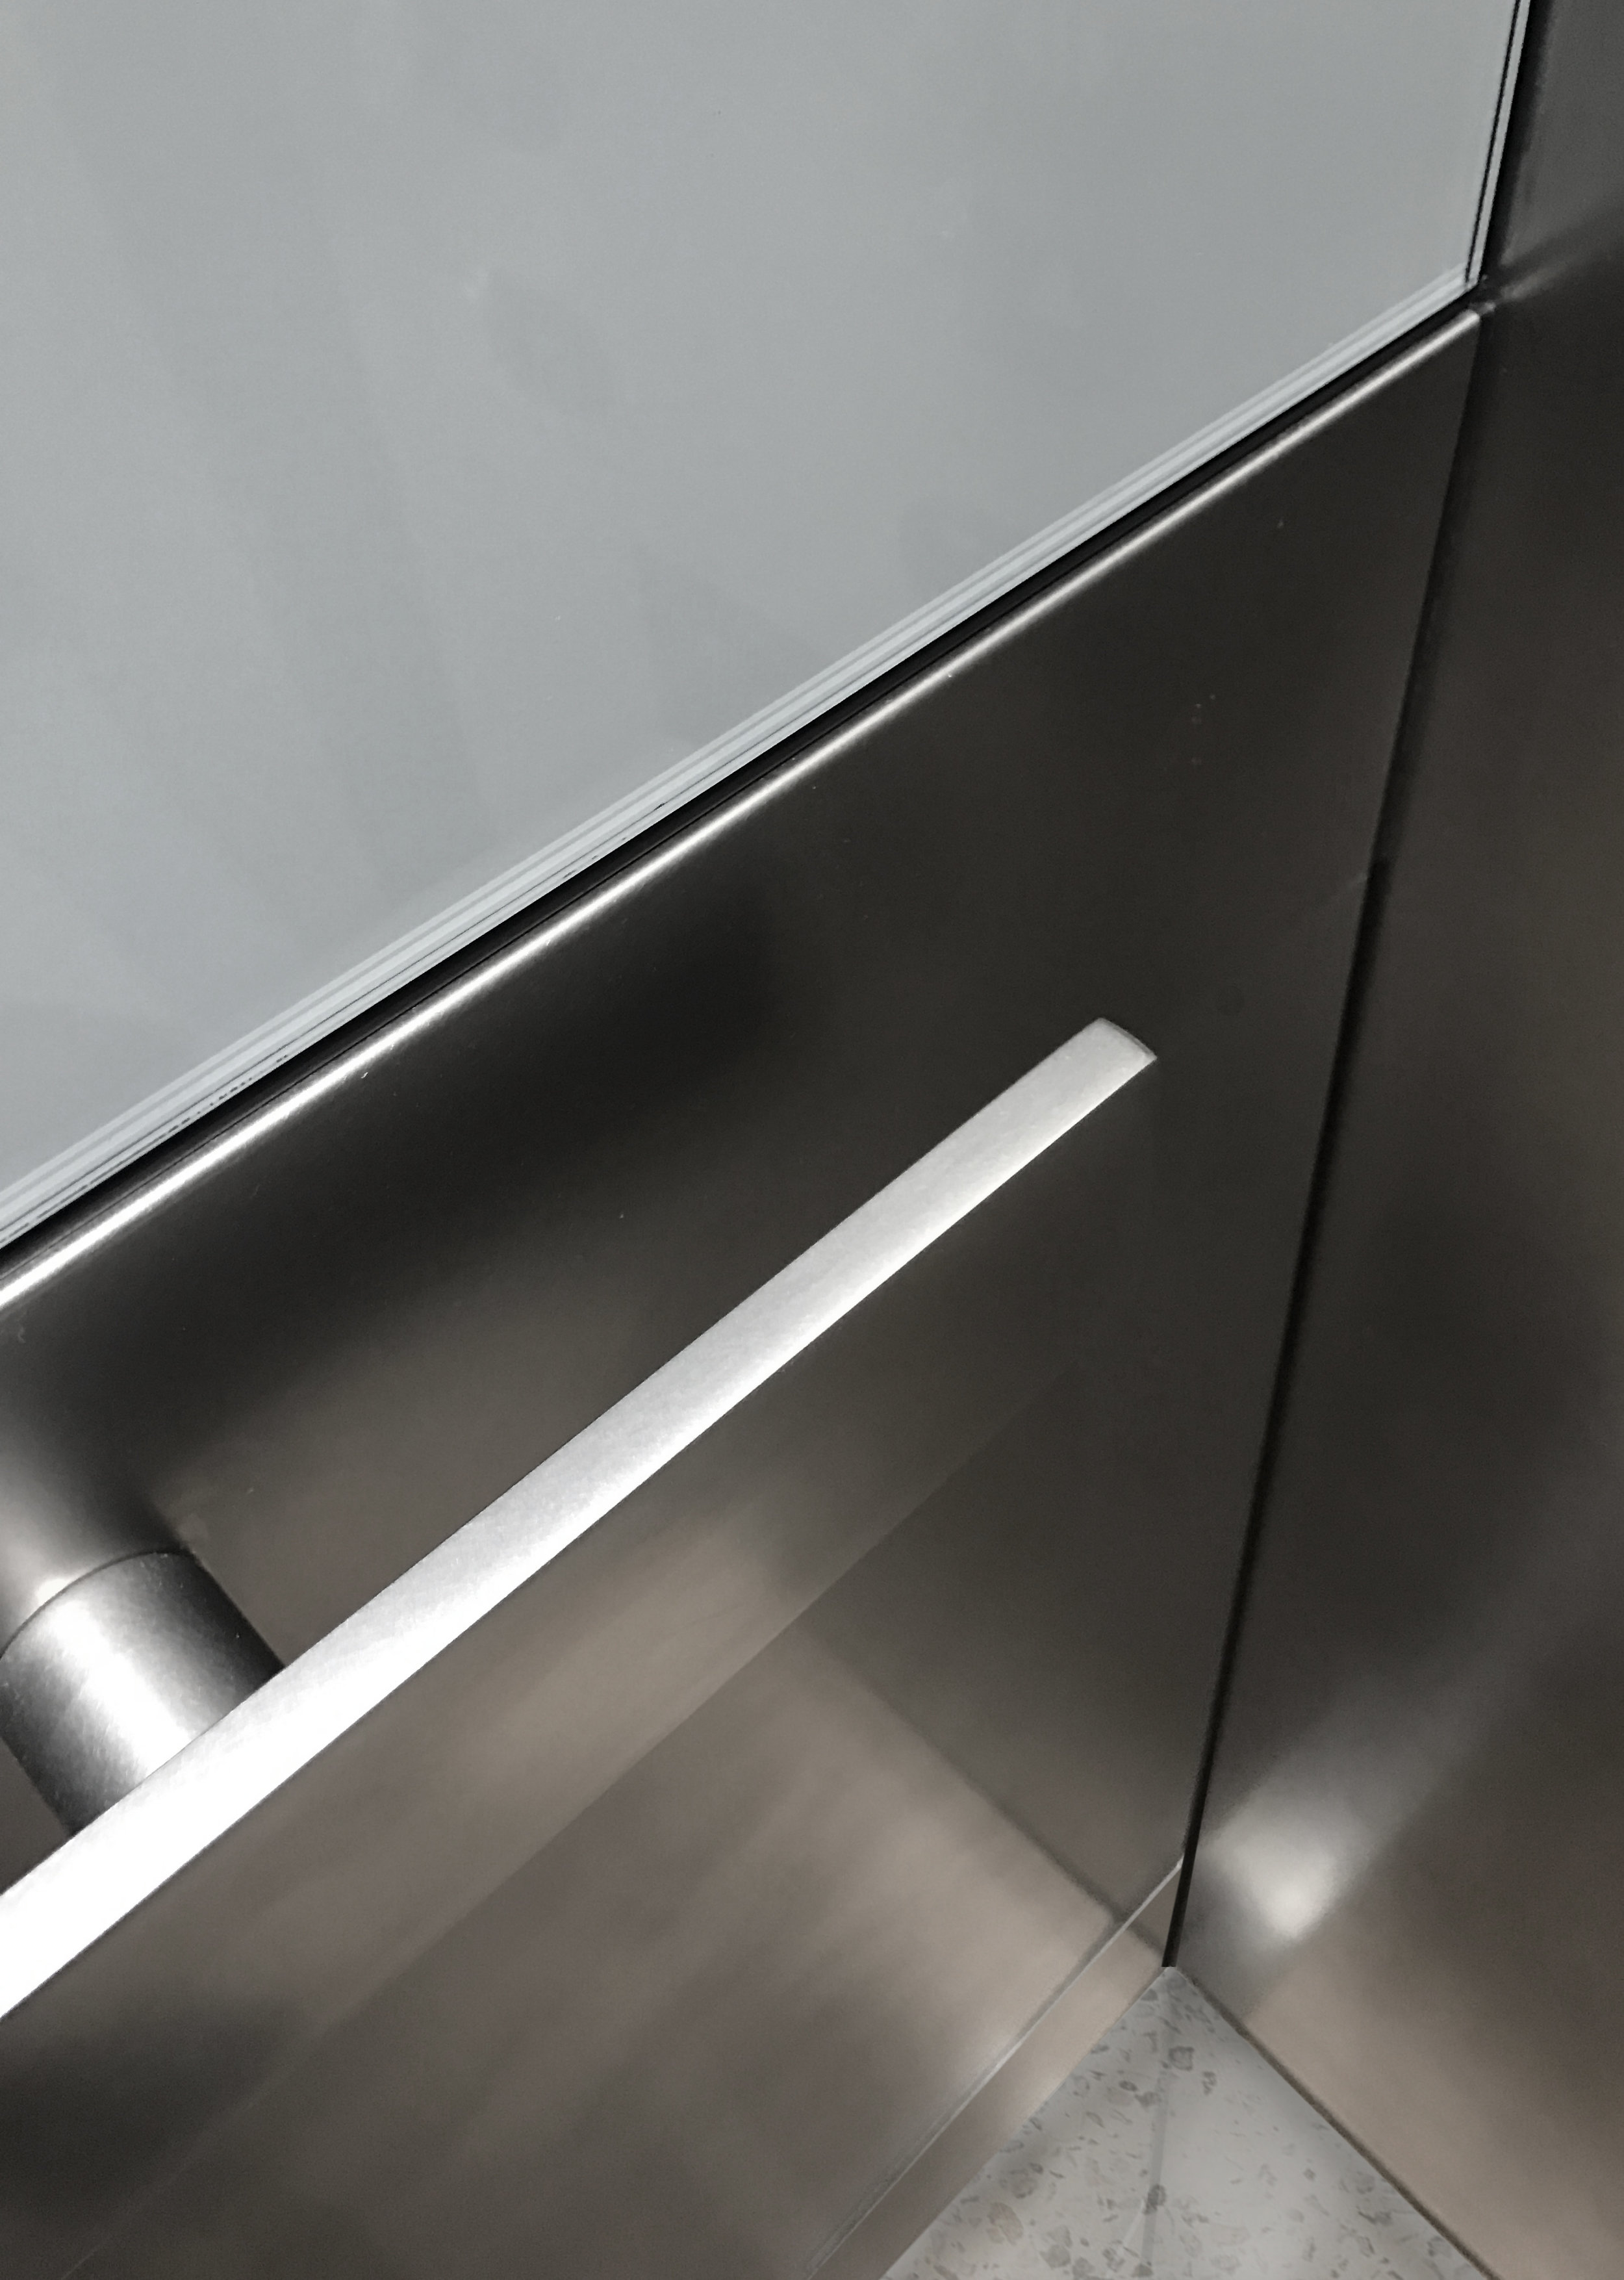 NYU_KIMMEL_visitor_detail_03.jpg